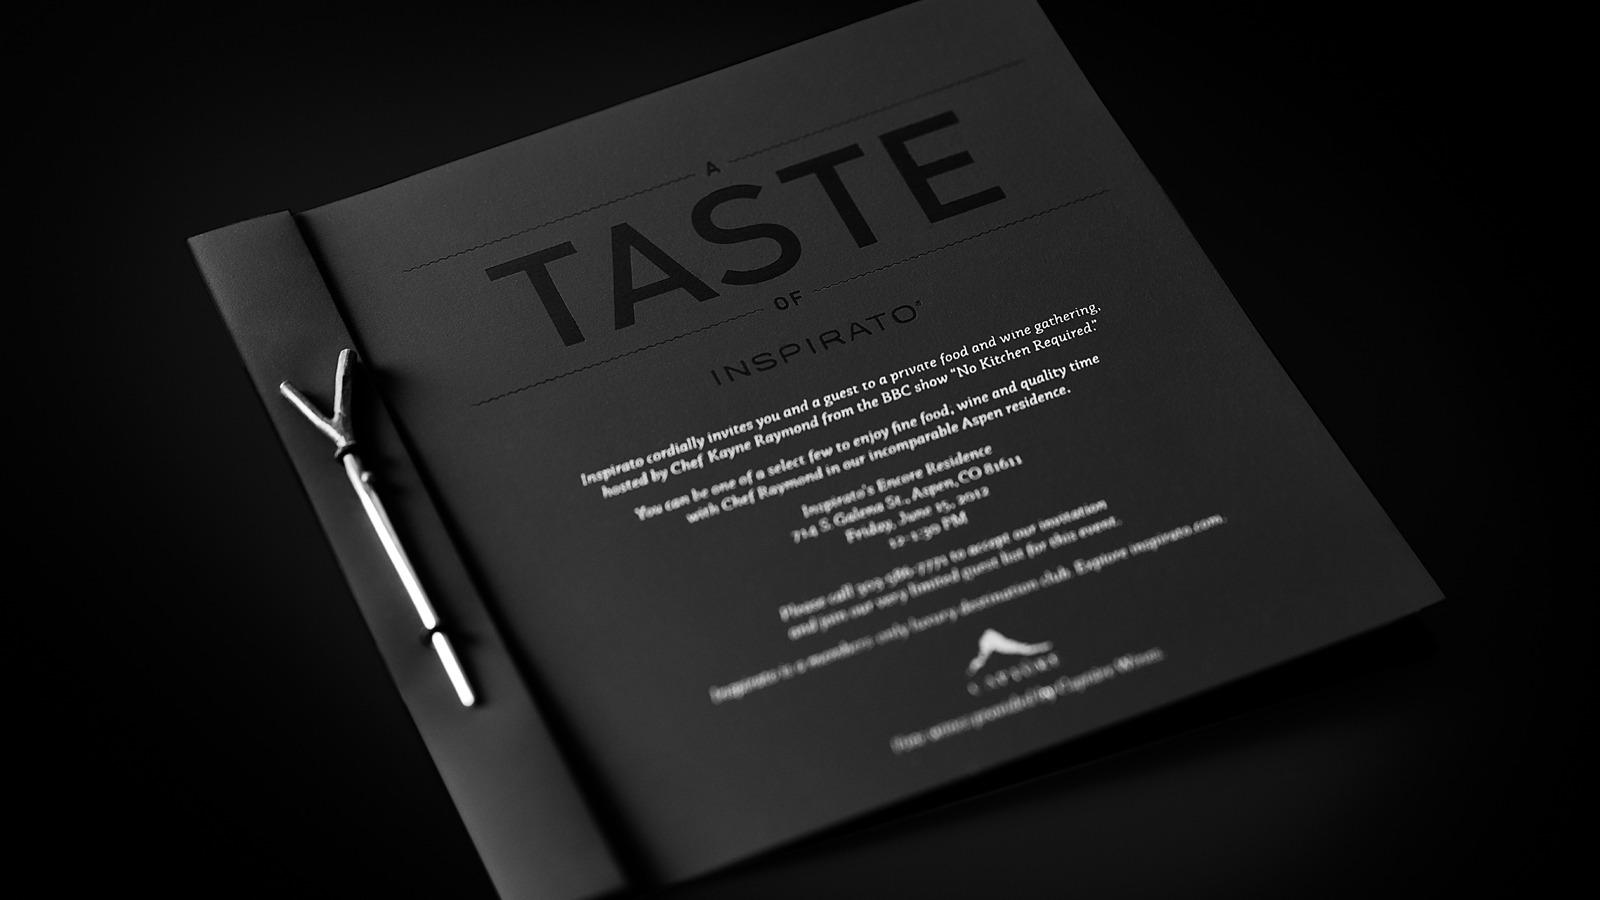 Inspirato invitation